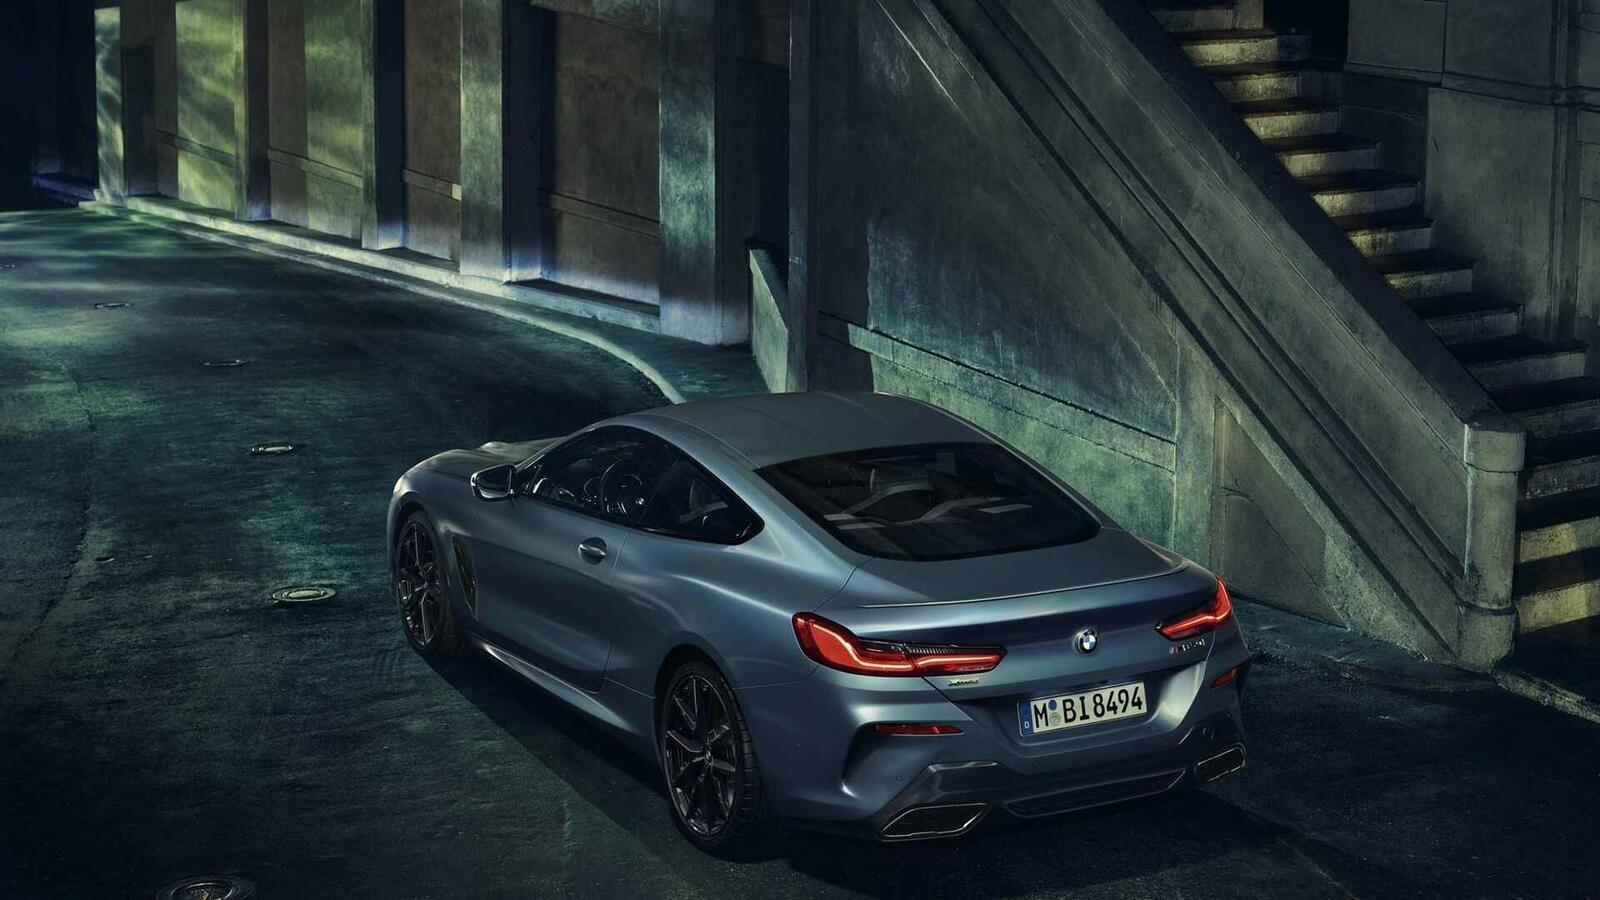 """BMW giới thiệu M850i xDrive Coupe """"First Edition"""" giới hạn sản xuất 400 chiếc trên toàn thế giới - Hình 2"""